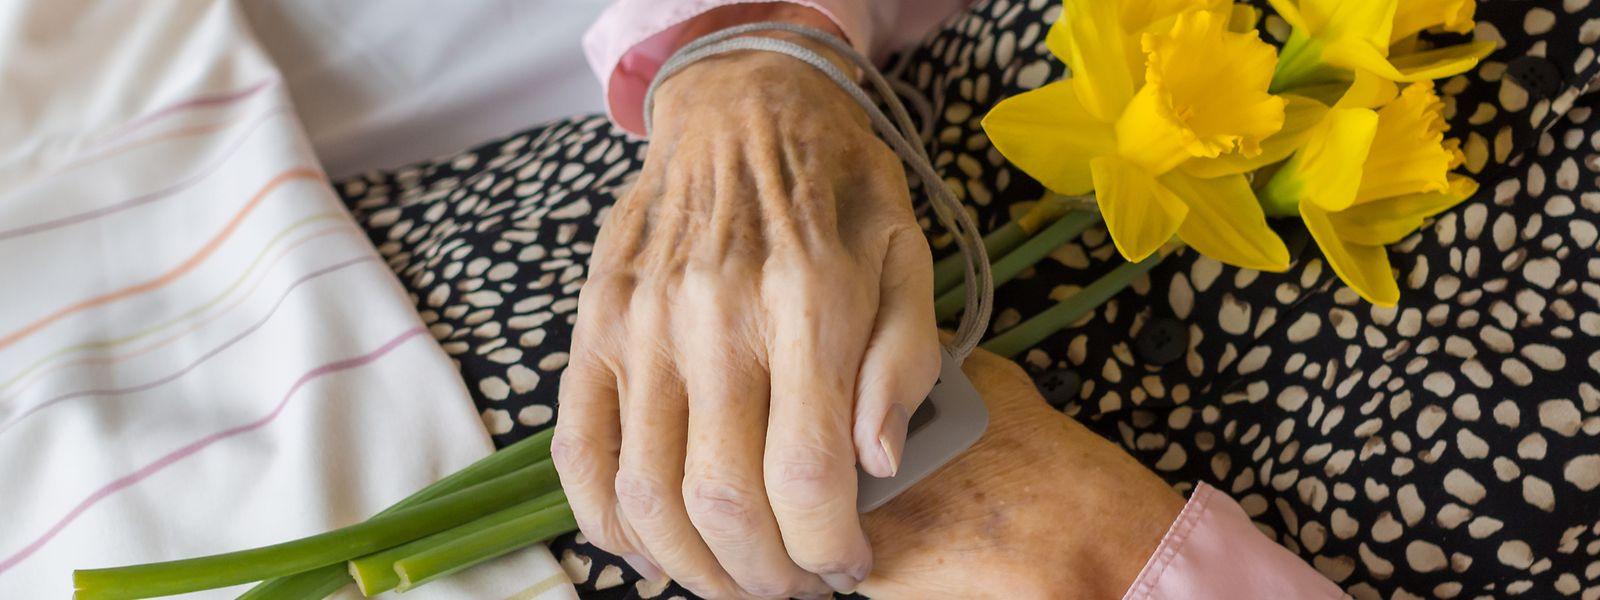 Seit der begleiteten Selbsttötung einer Ex-Politikerin ist Sterbehilfe in Frankreich wieder ein Thema.